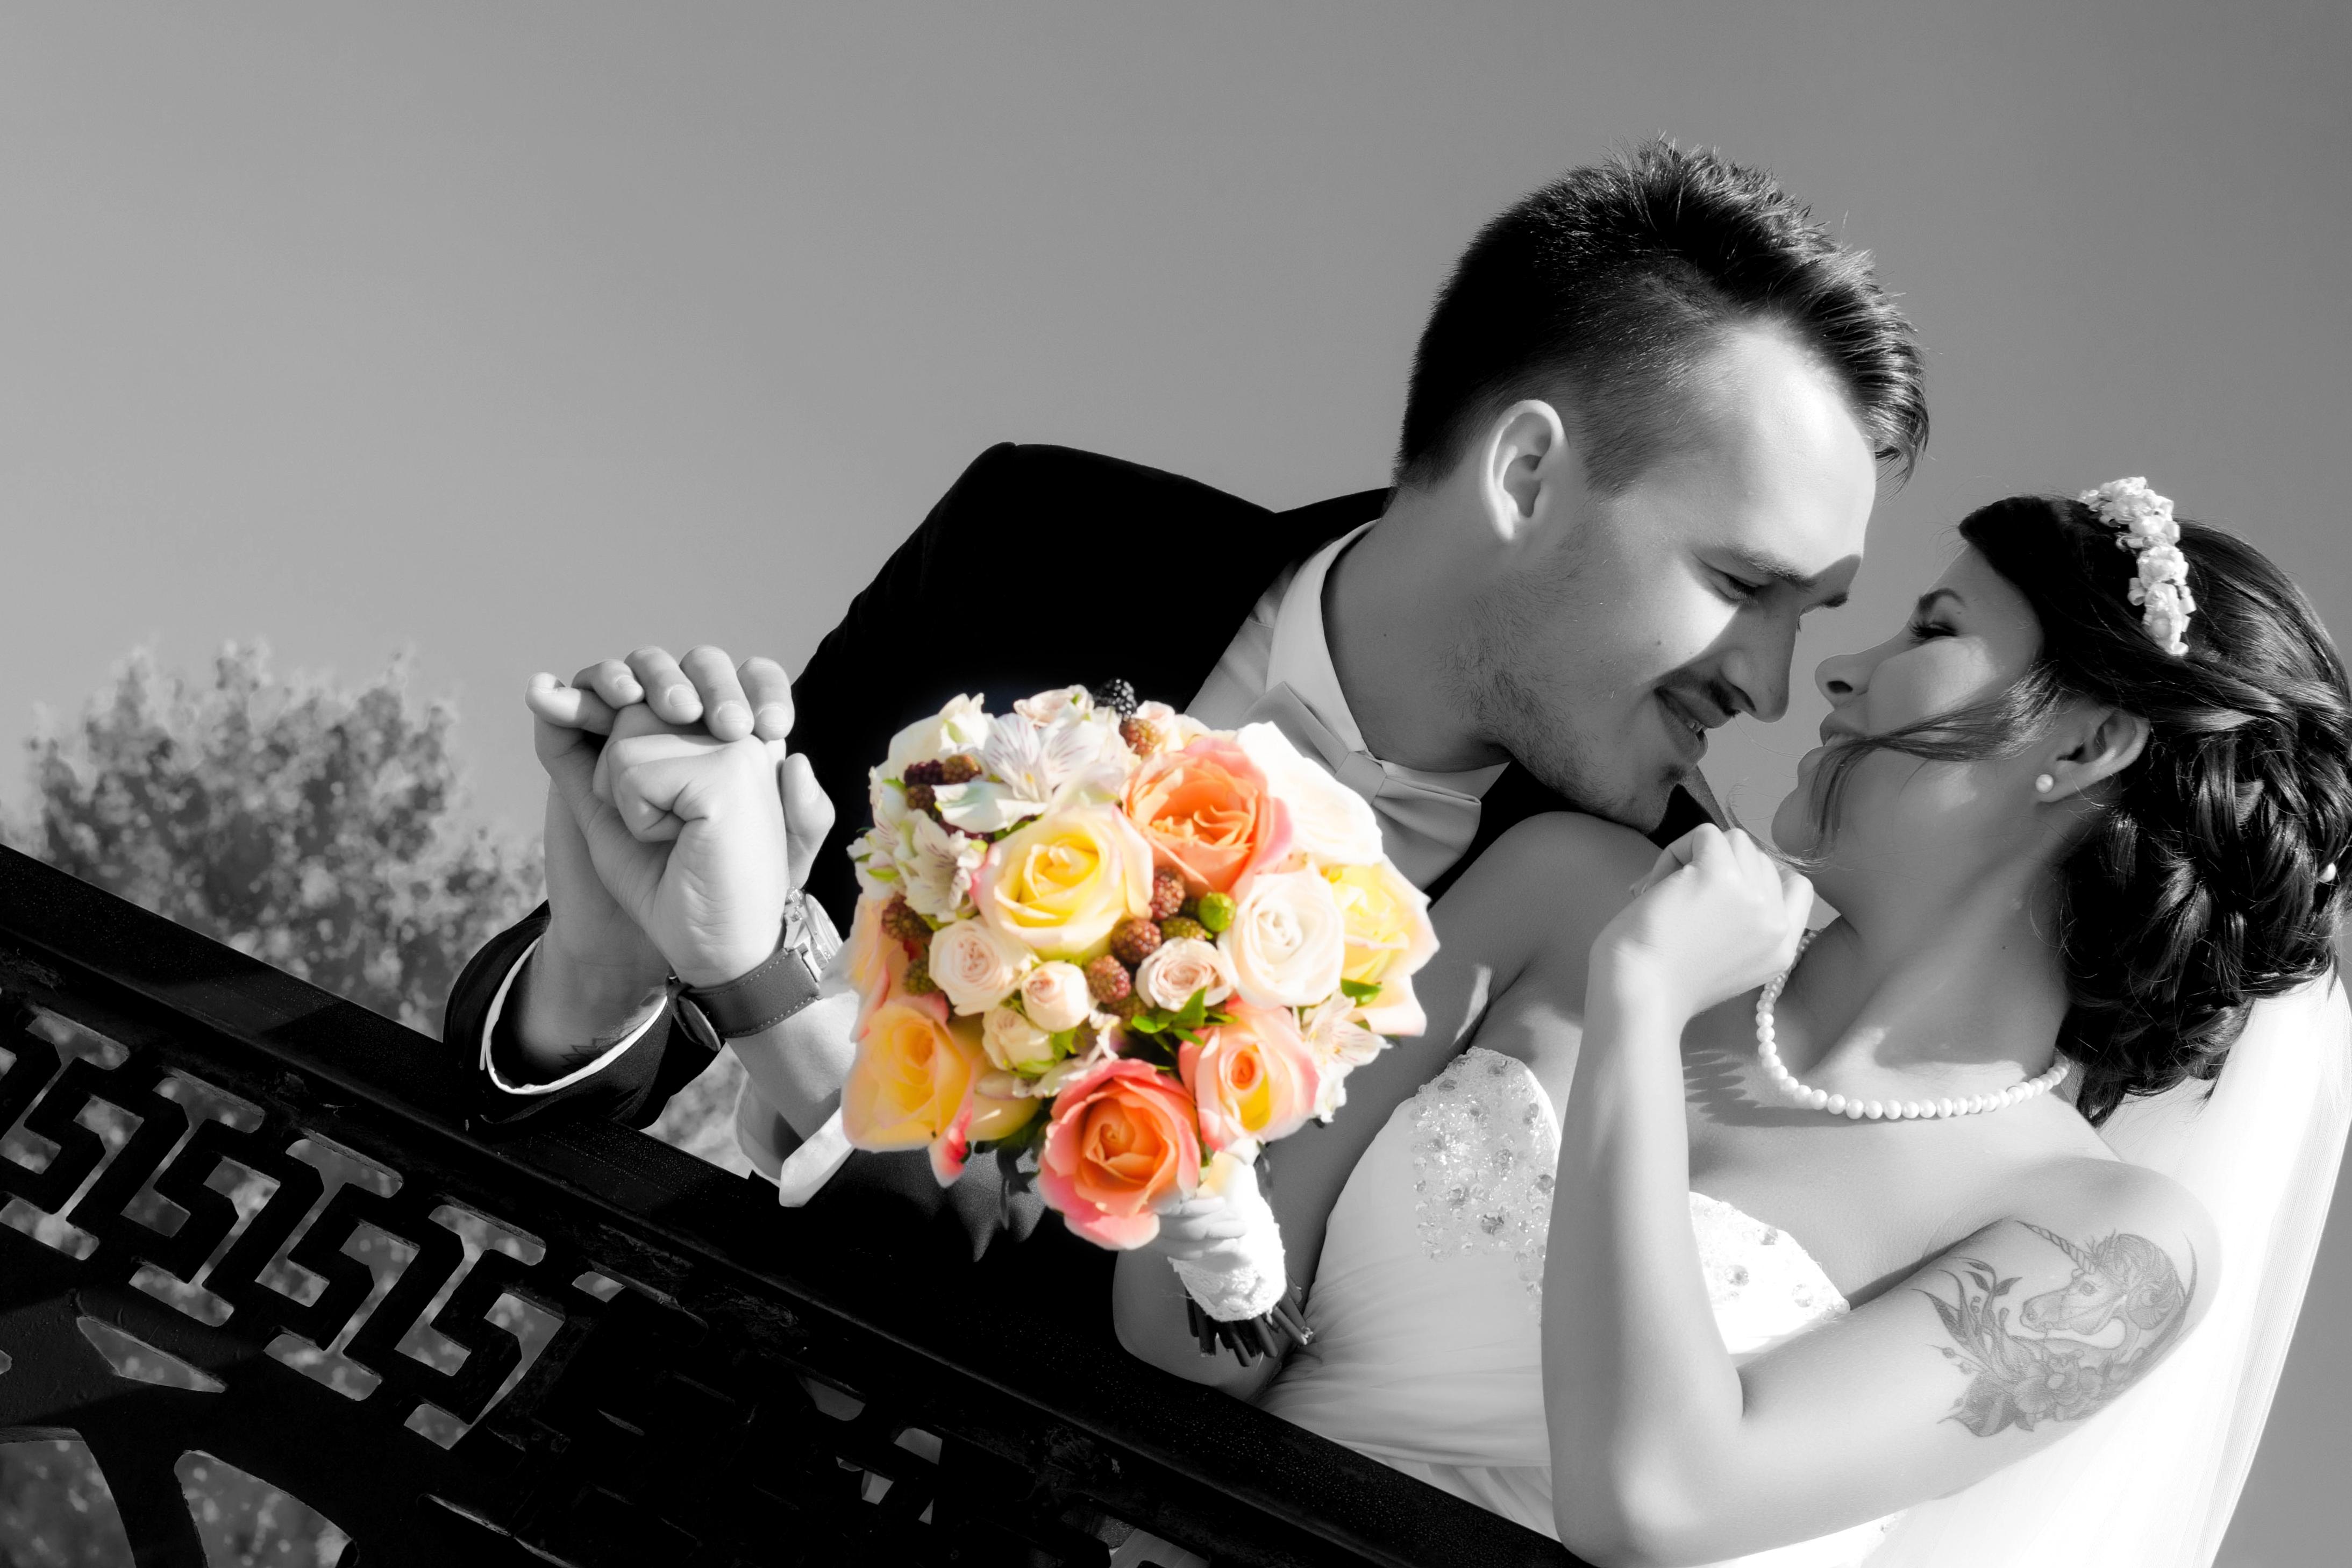 ловко расставлял фотографы тольятти свадебные дне посадочной корзины